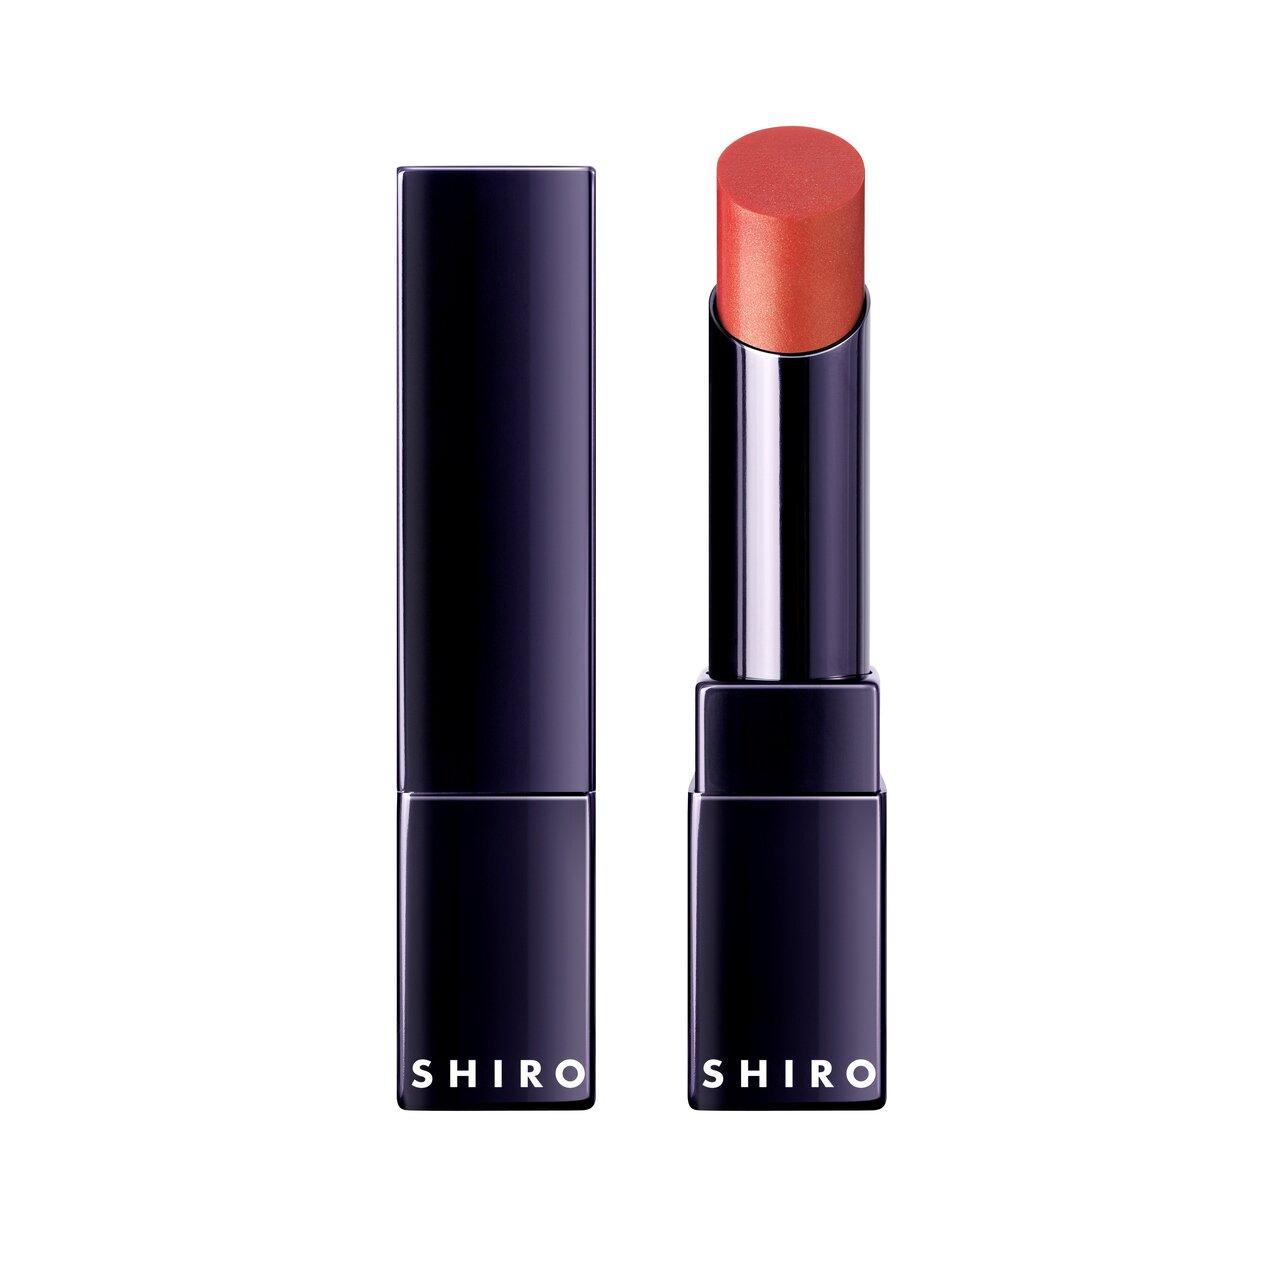 SHIRO(シロ) メイクアップコレクション2021SS/2021春夏新作コスメ「ジンジャーリップカラープライマー」限定色 1A02 シャインスカーレット